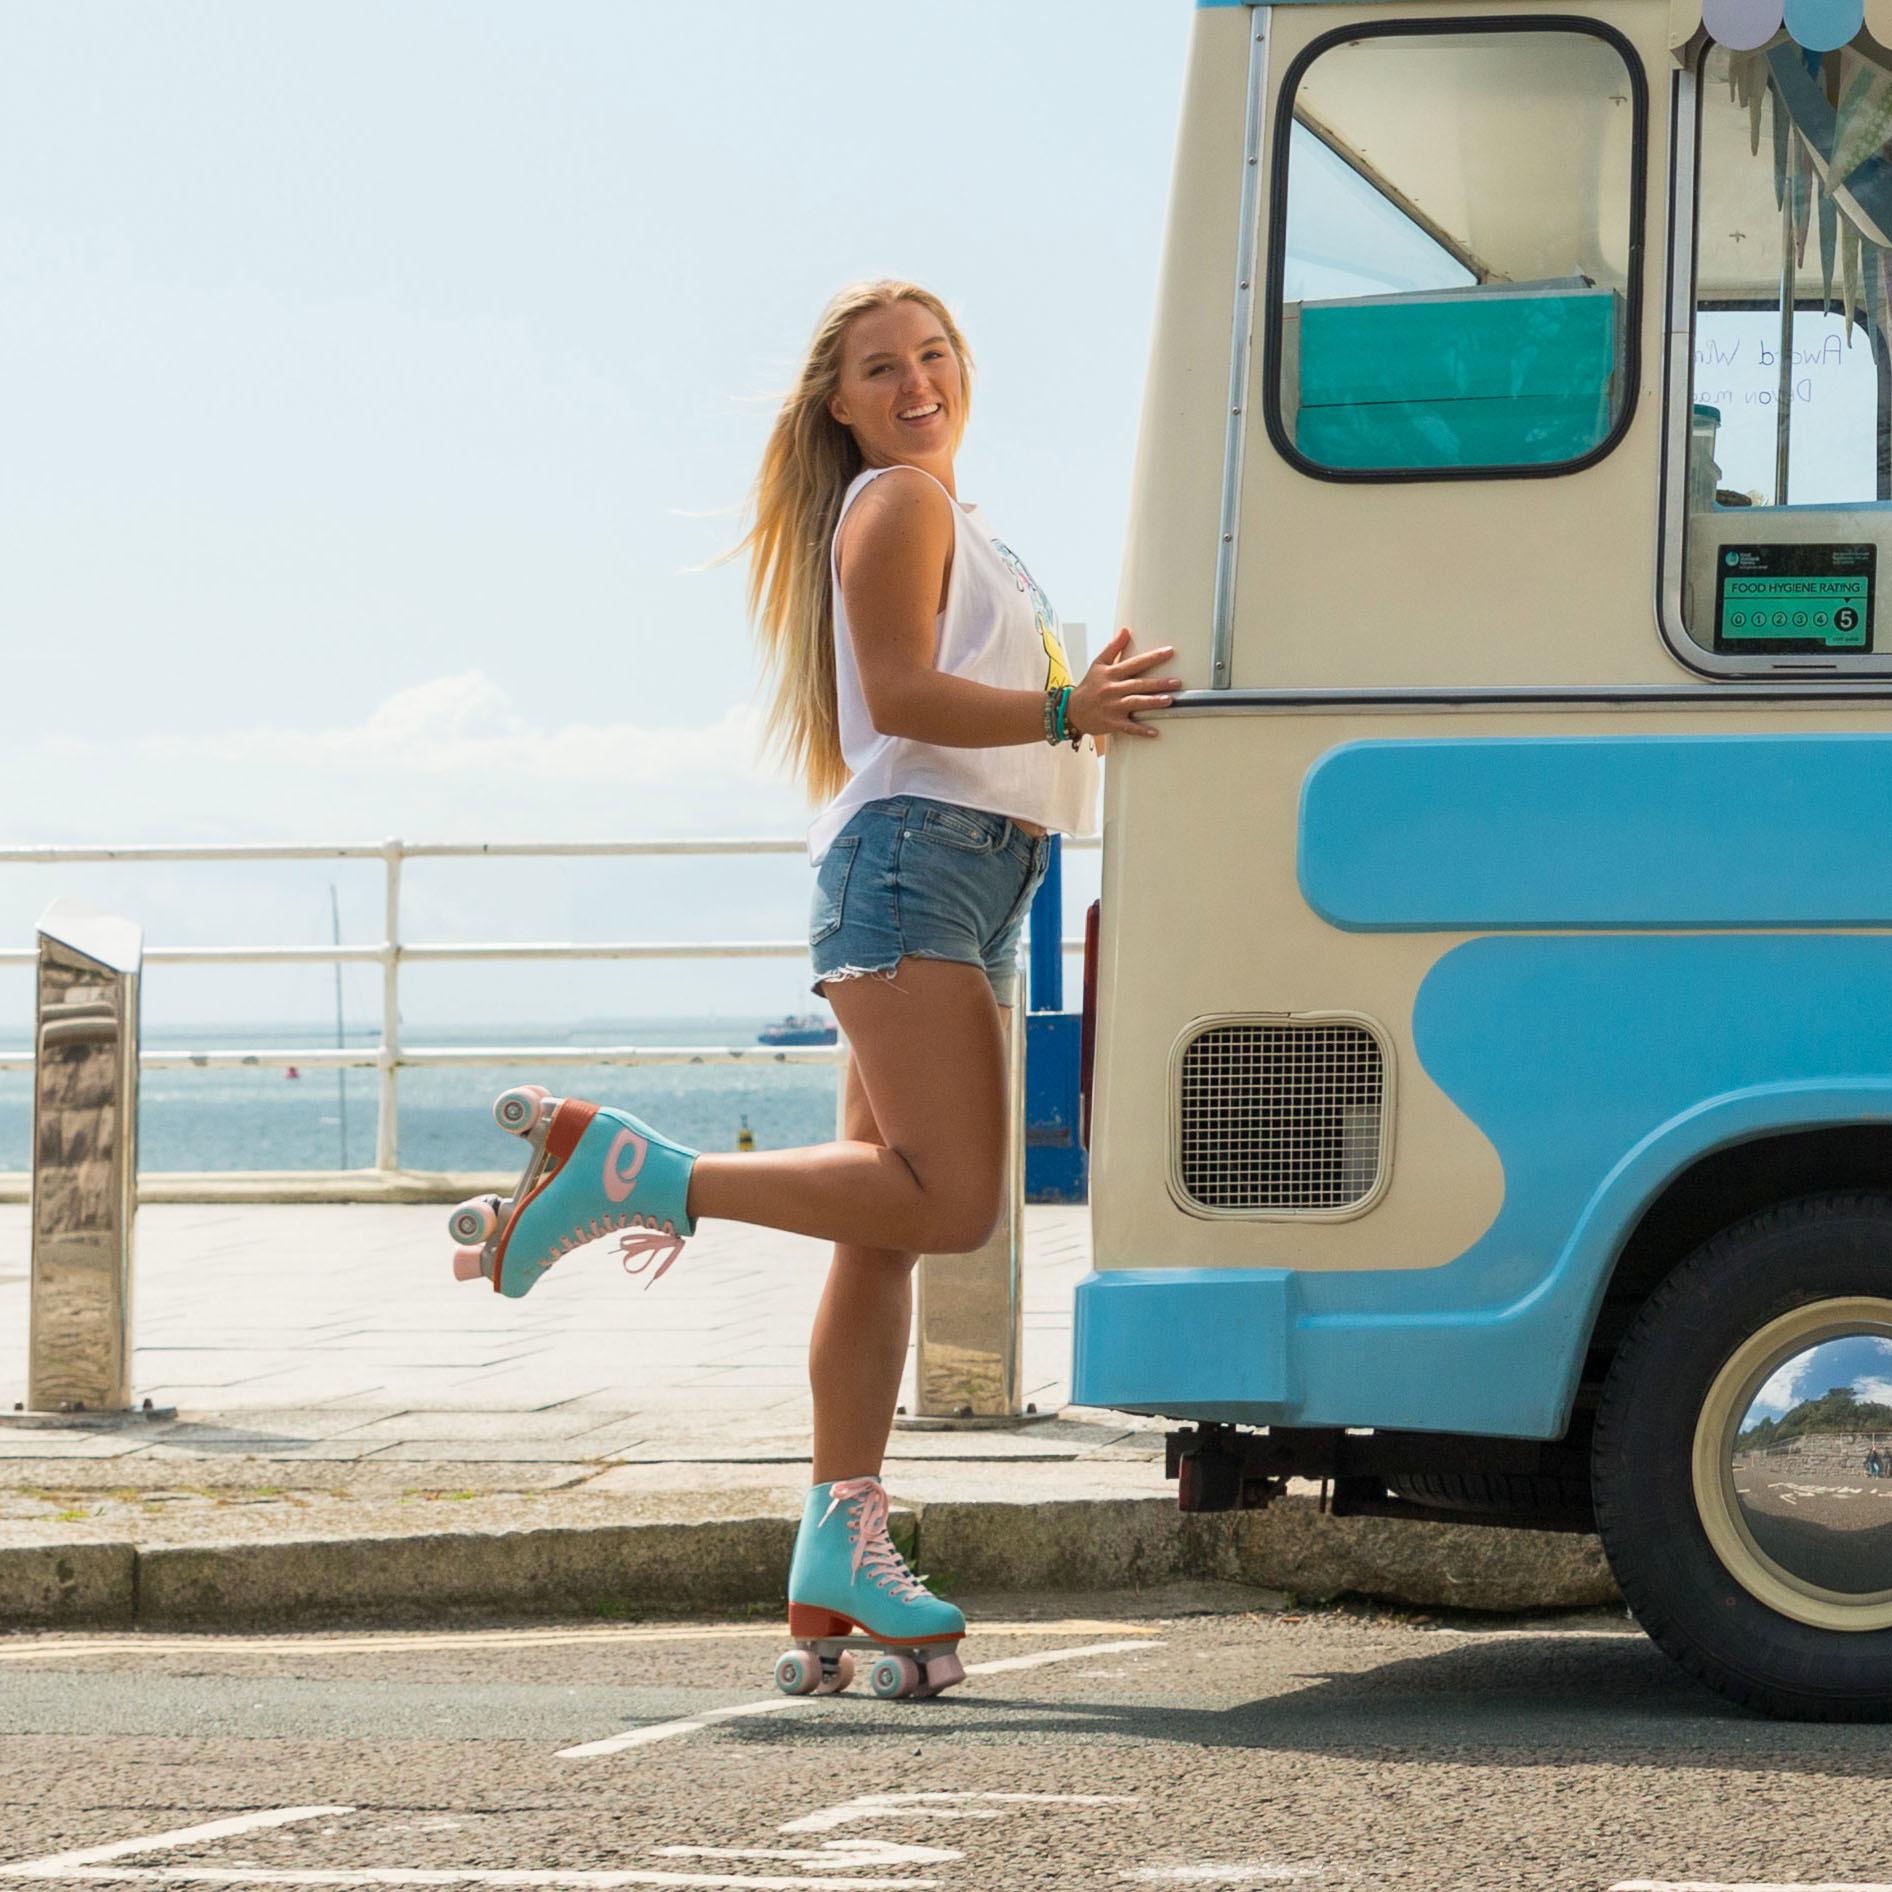 Ролики Квады Osprey Quad с высоким ботинком, голубые